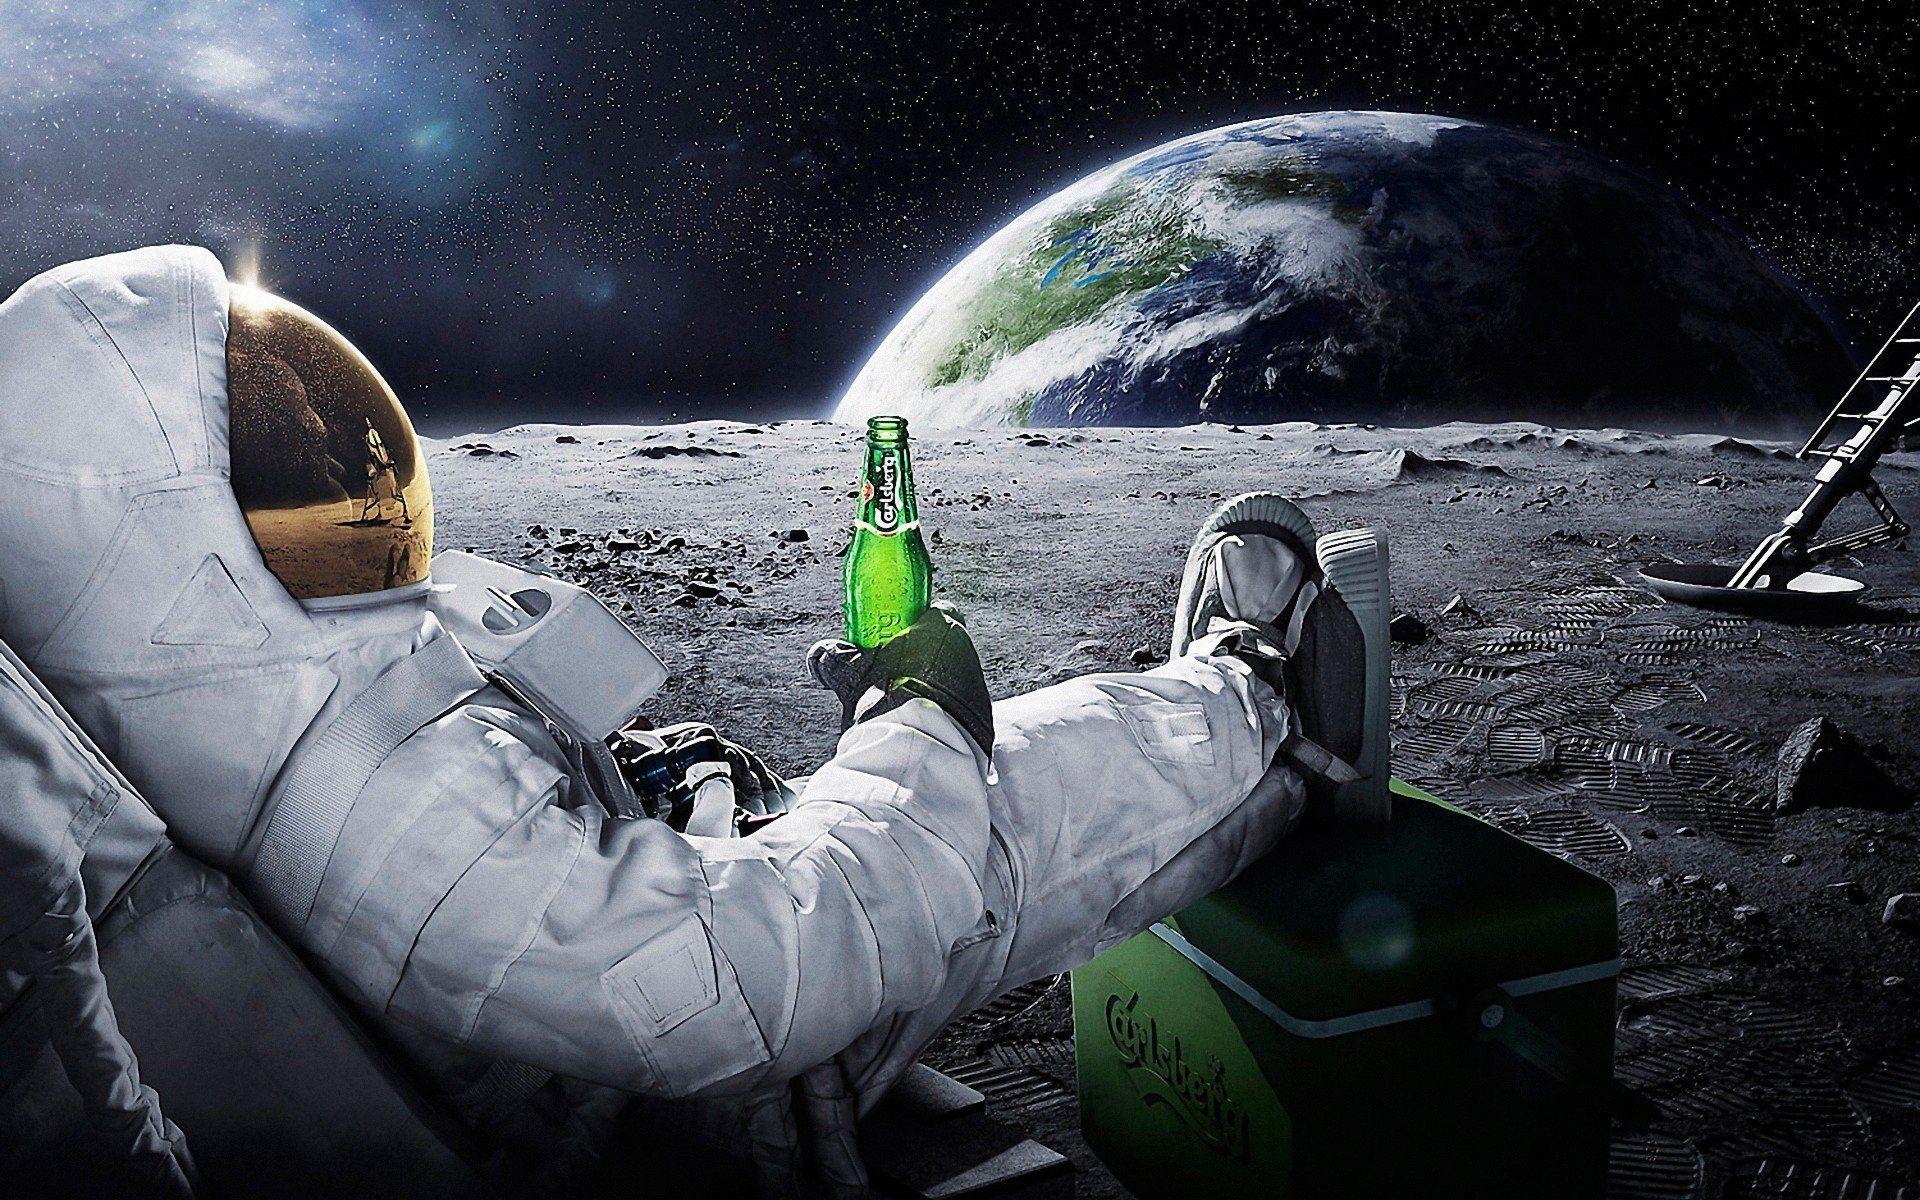 Astronaut Desktop Wallpapers   Top Astronaut Desktop 1920x1200